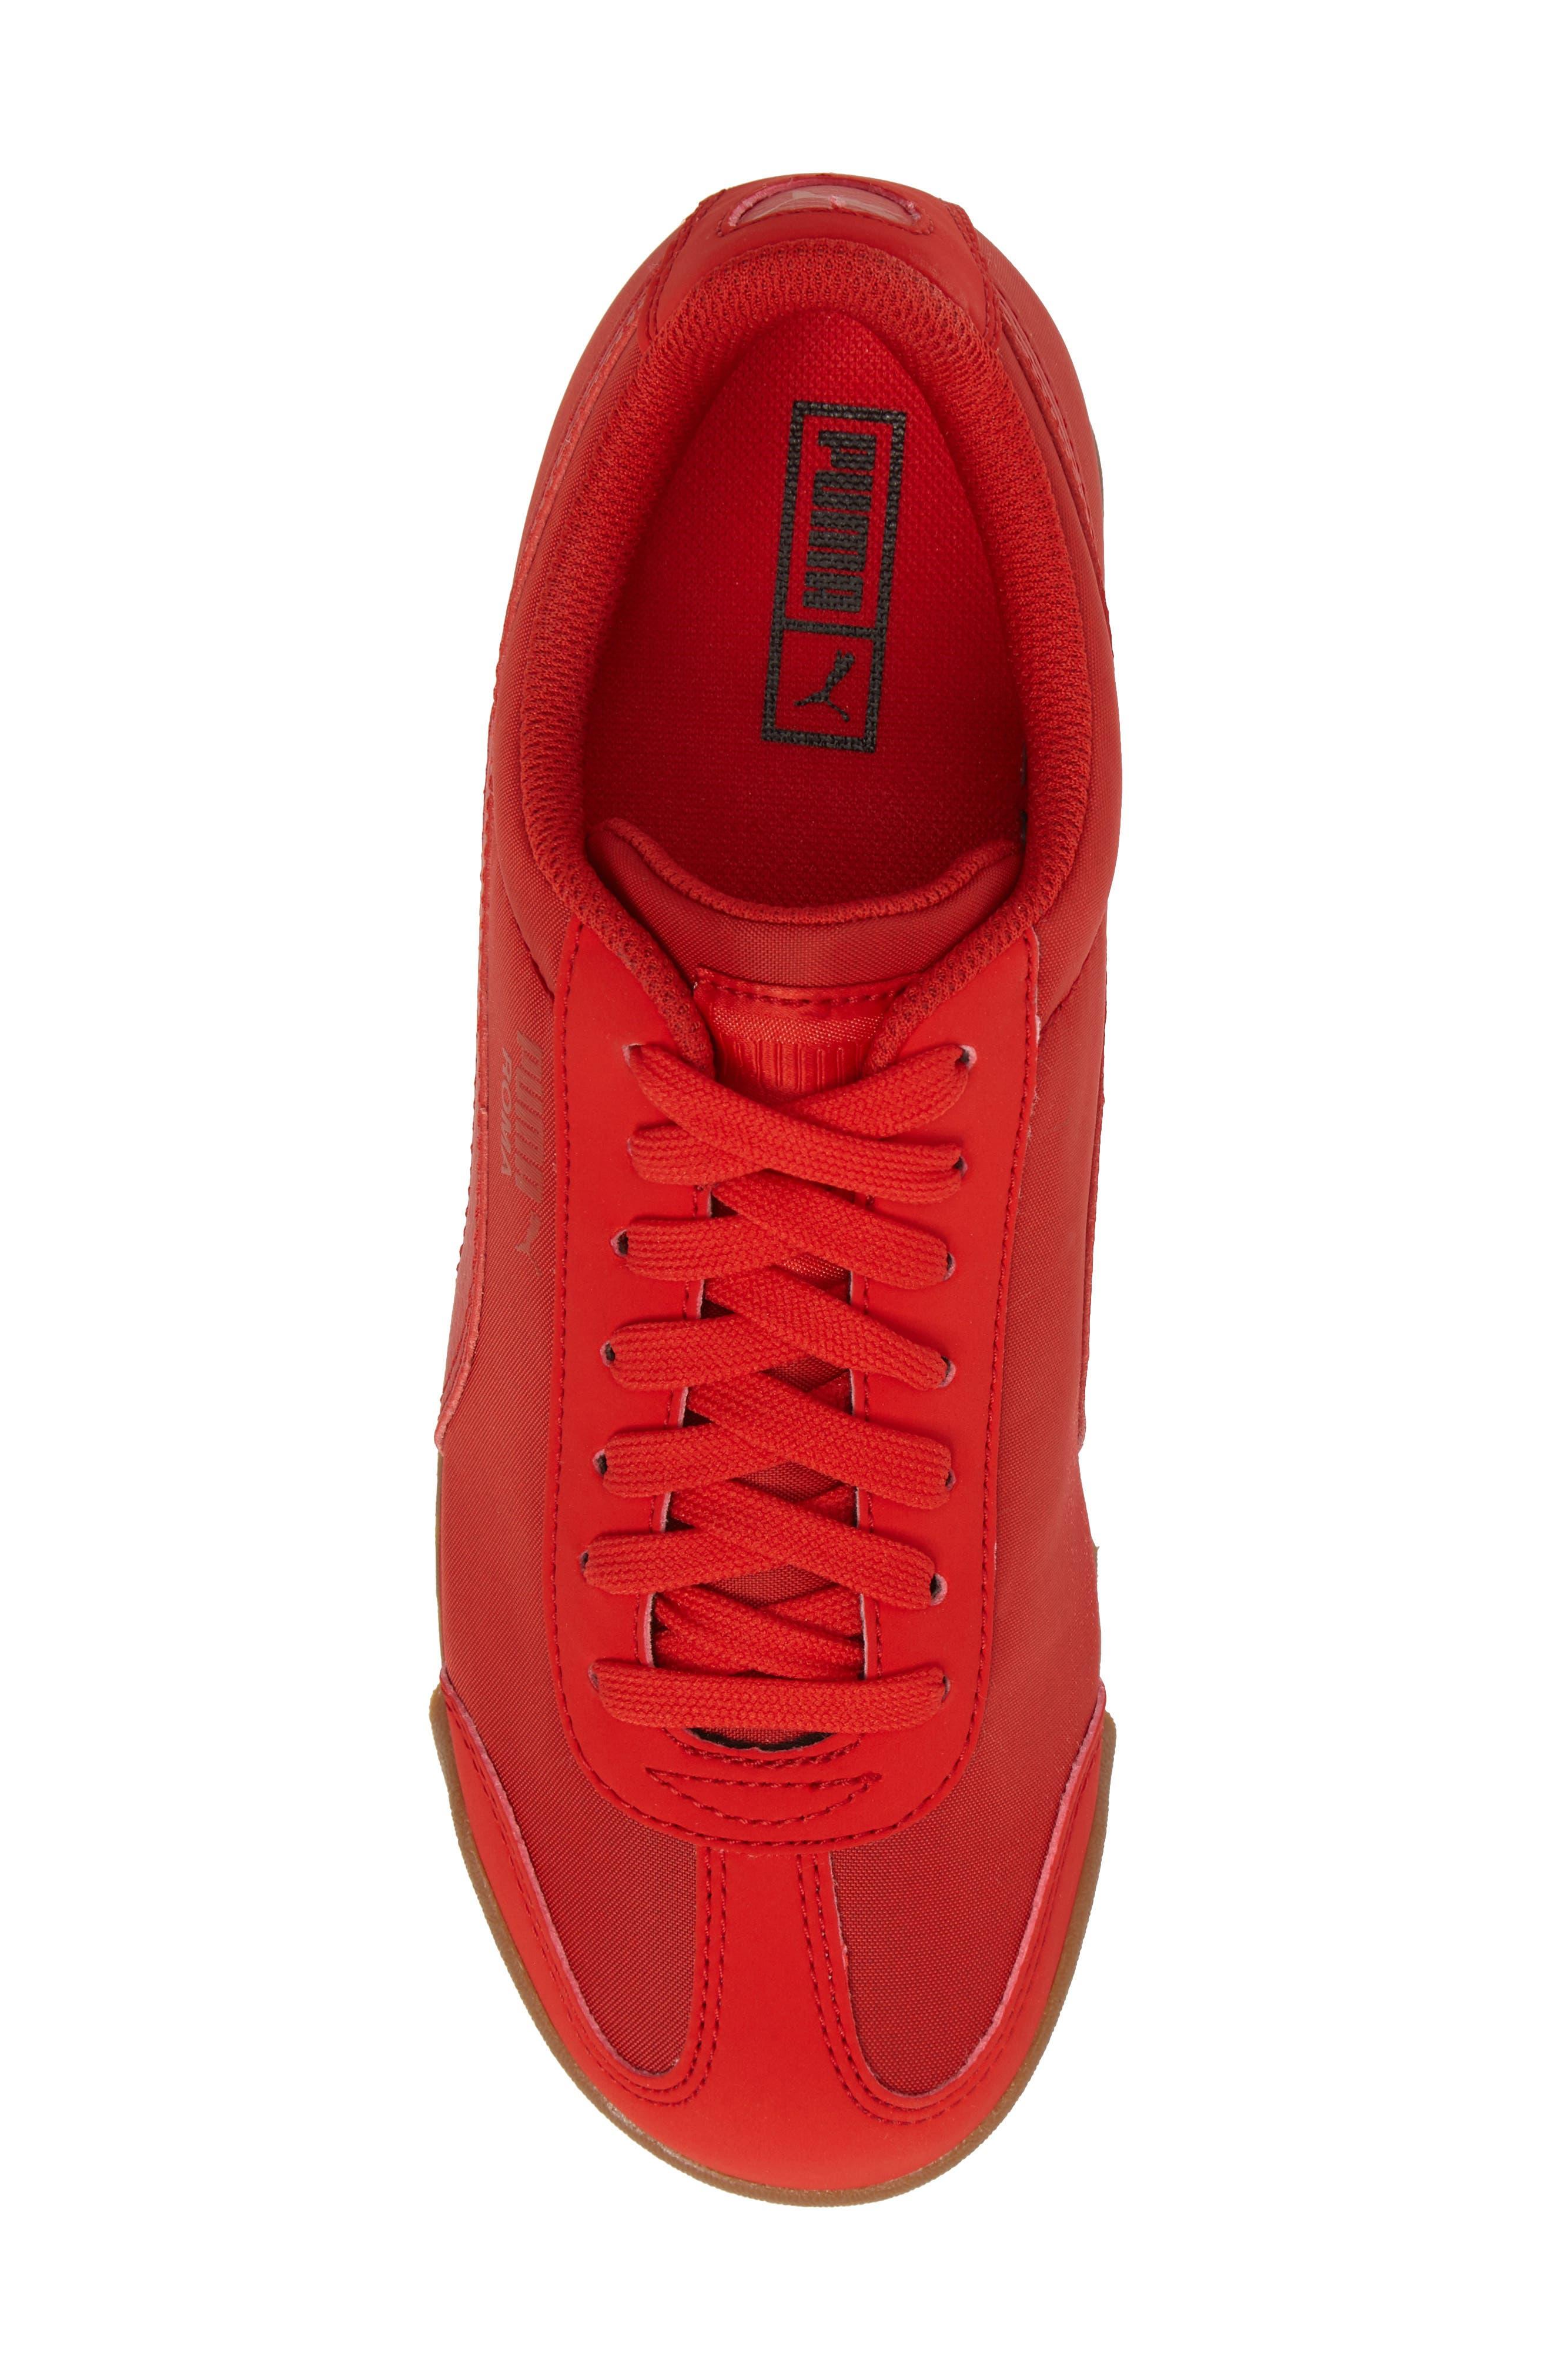 Roma Basic Summer Sneaker,                             Alternate thumbnail 5, color,                             High Risk Red